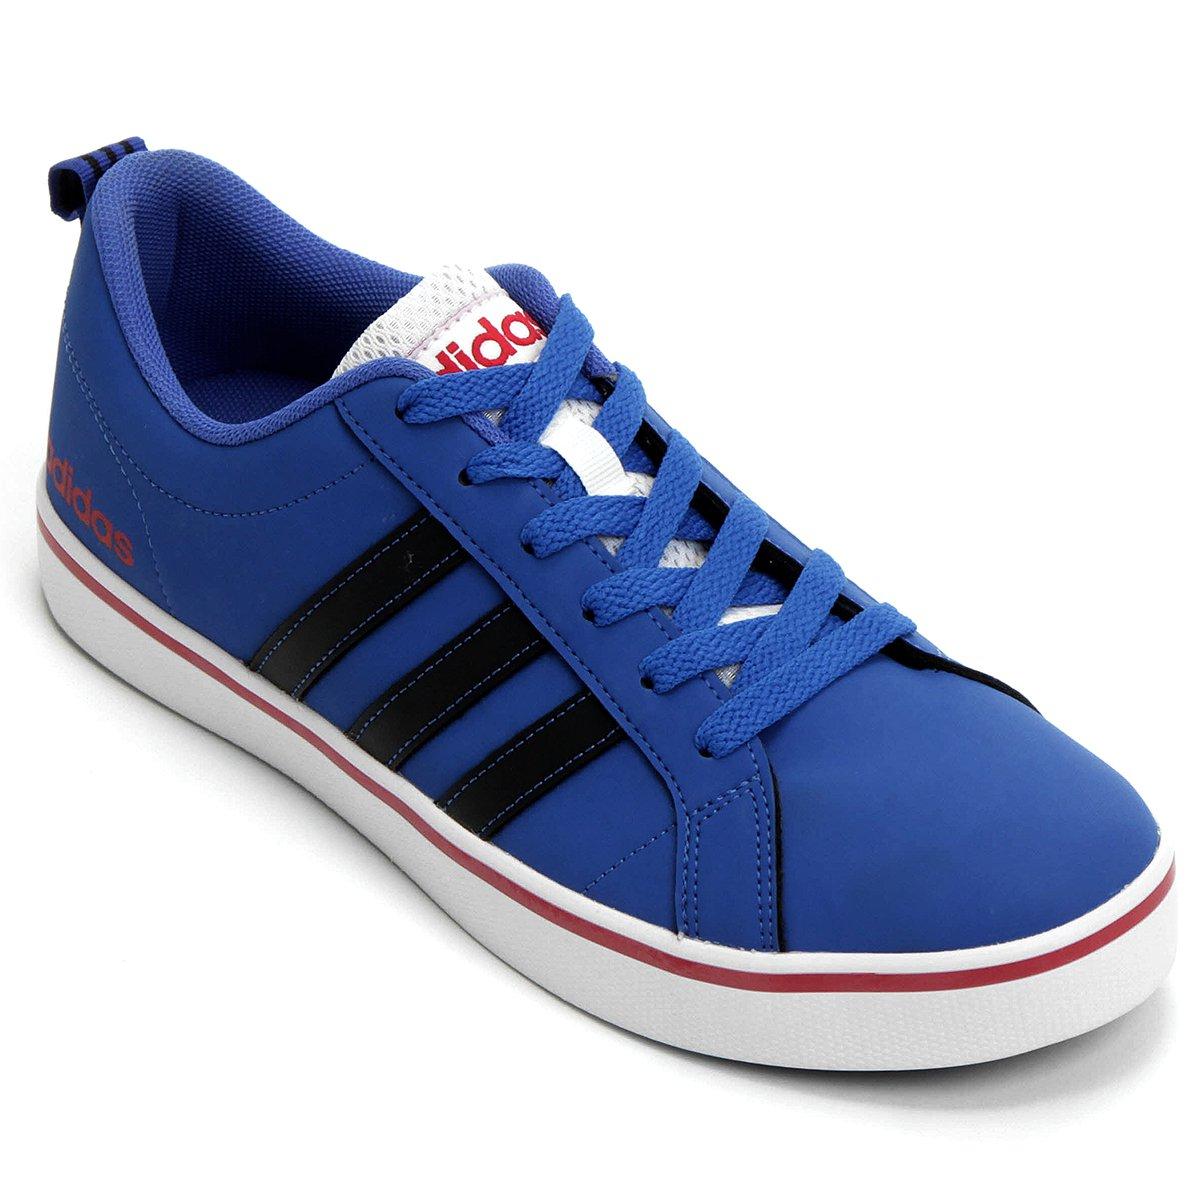 5f558259d026d Tênis Adidas Pace Vs Masculino - Azul e Vermelho - Compre Agora ...